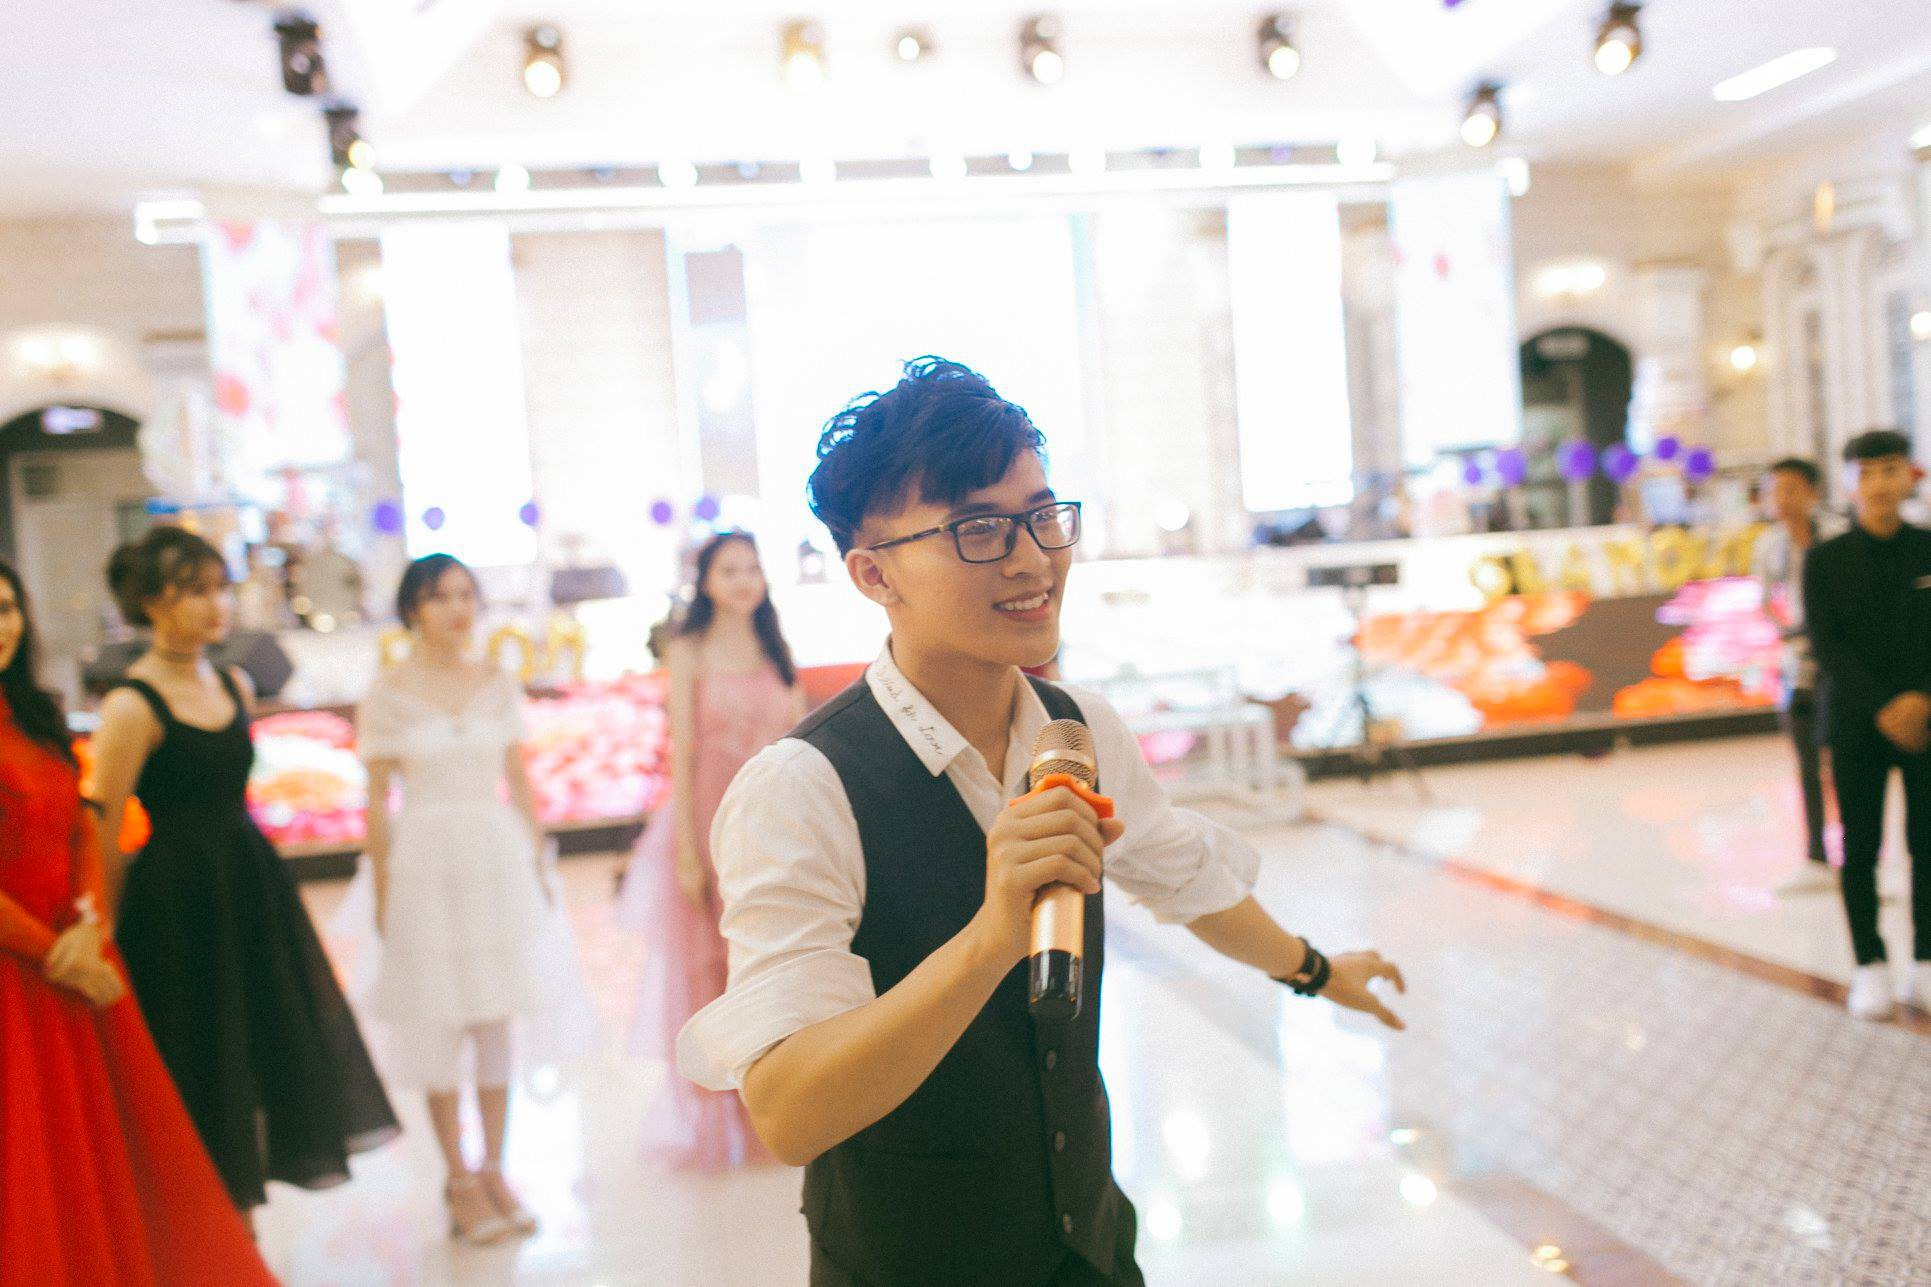 Không chỉ RMIT, trường chuyên phố núi Kon Tum cũng khiến chúng ta đã mắt với dàn trai xinh gái đẹp trong tiệc prom - Ảnh 6.